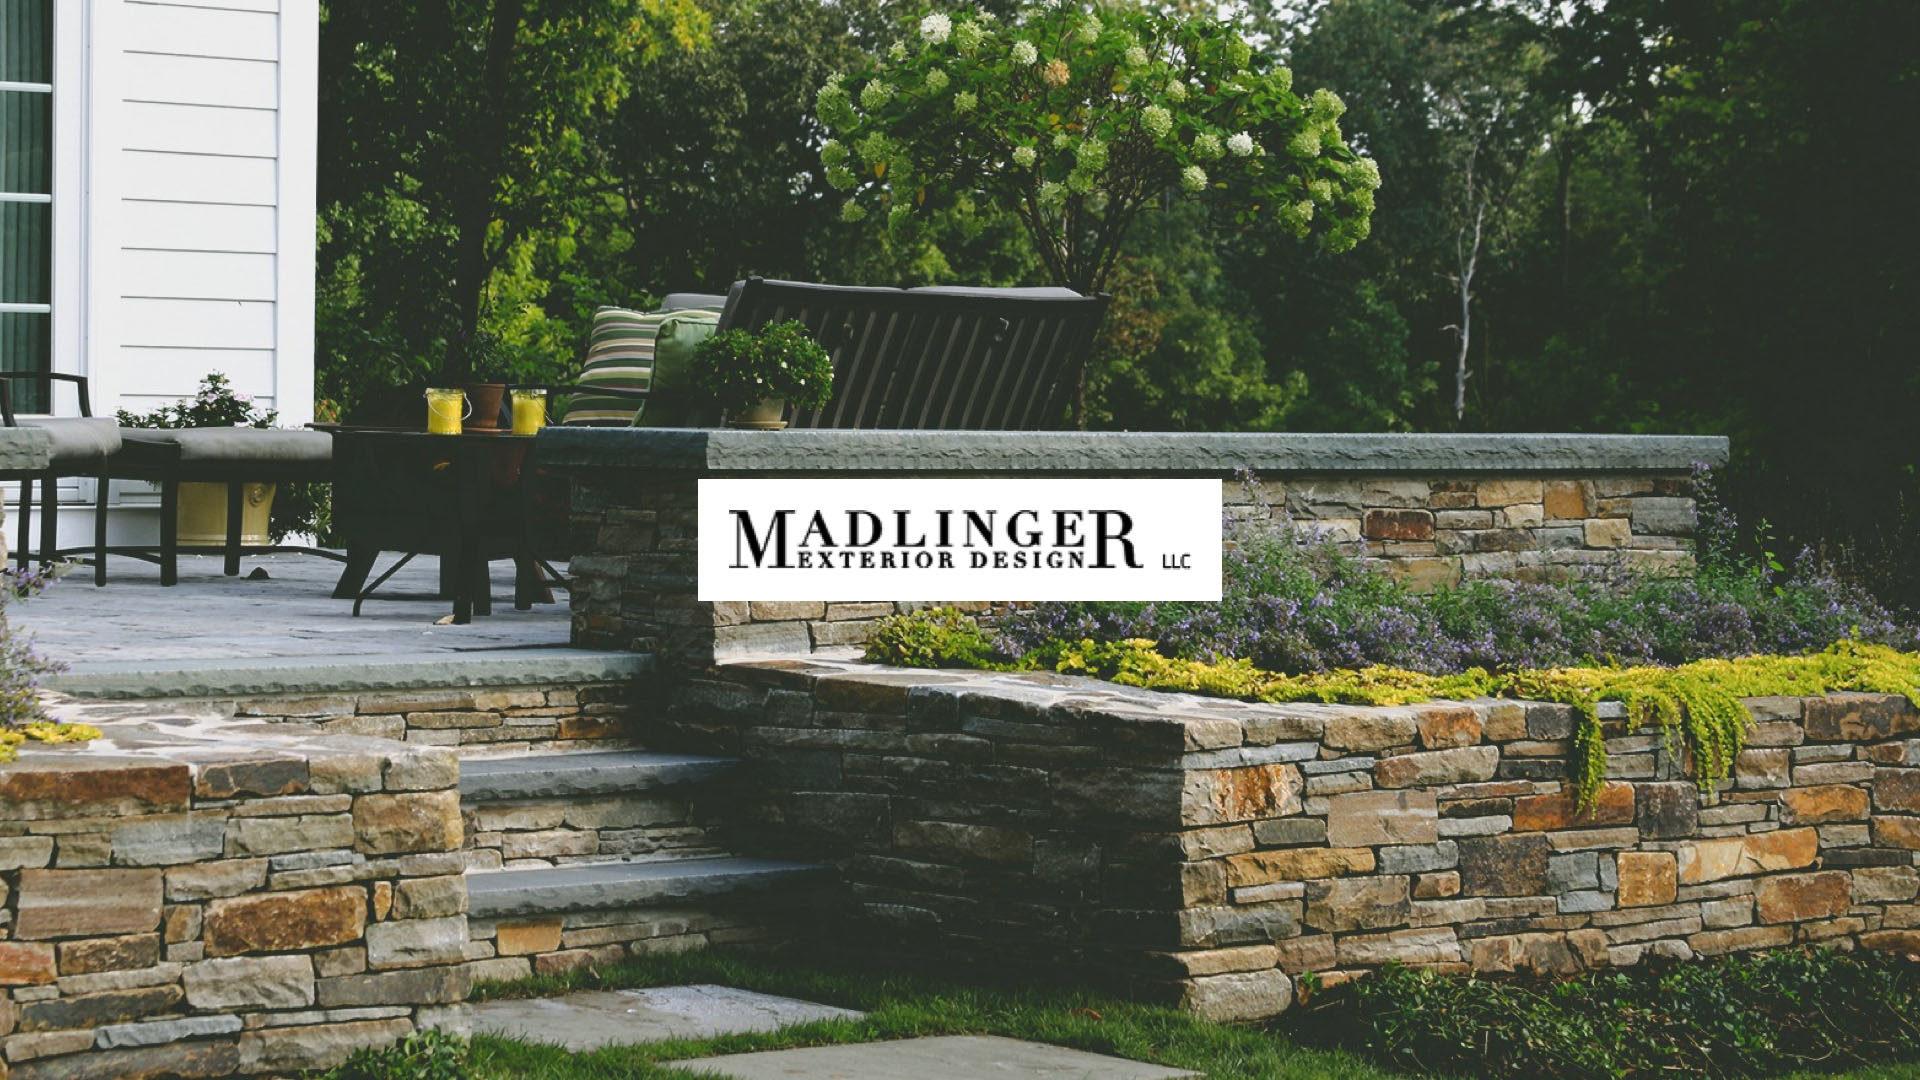 Madlinger Website Design and Development